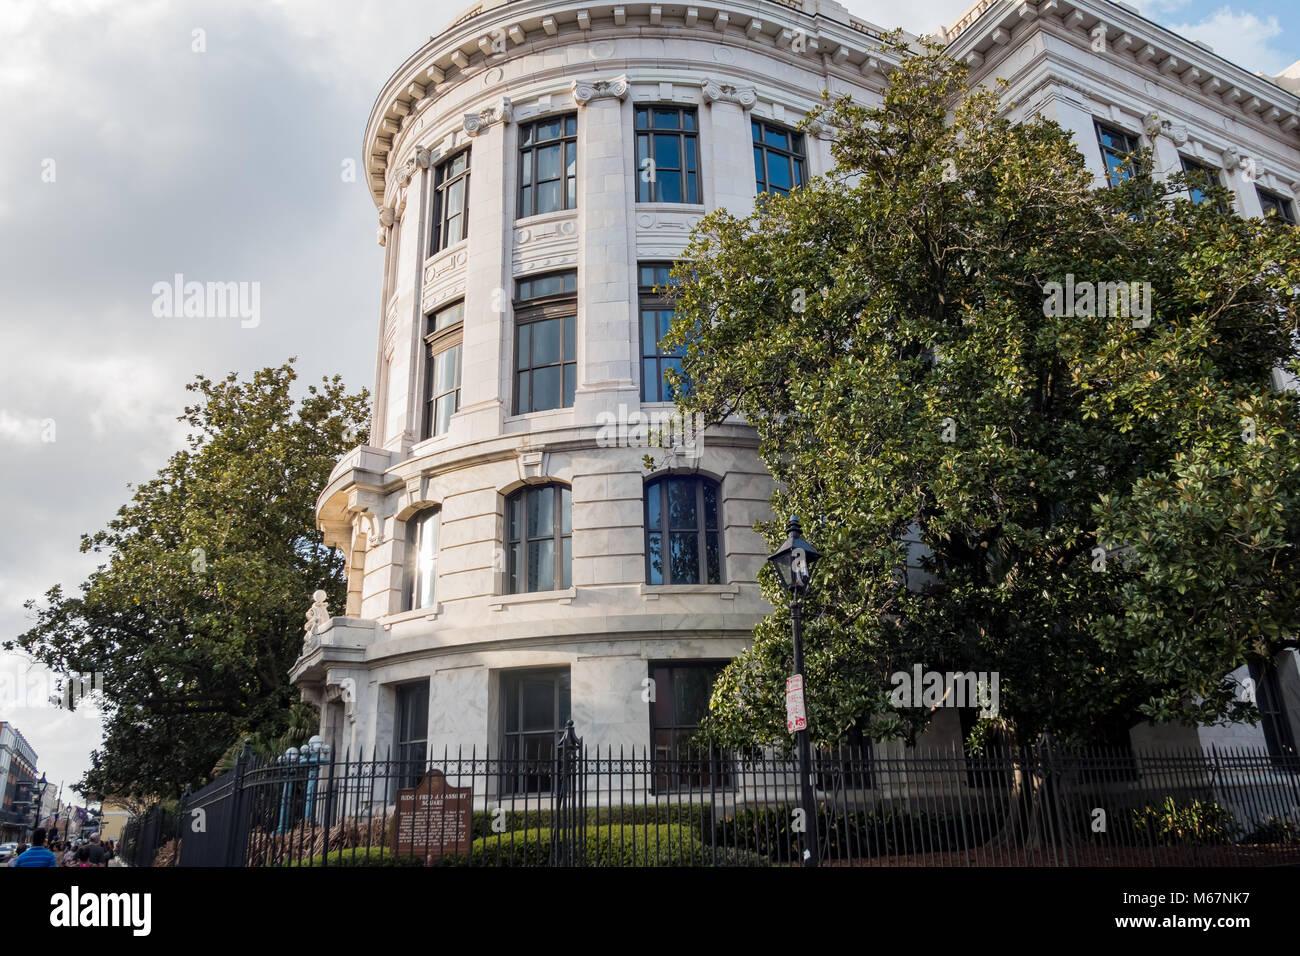 La Nouvelle Orléans, Feb 21: Vue extérieure de la belle et historique de la Cour suprême de Photo Stock